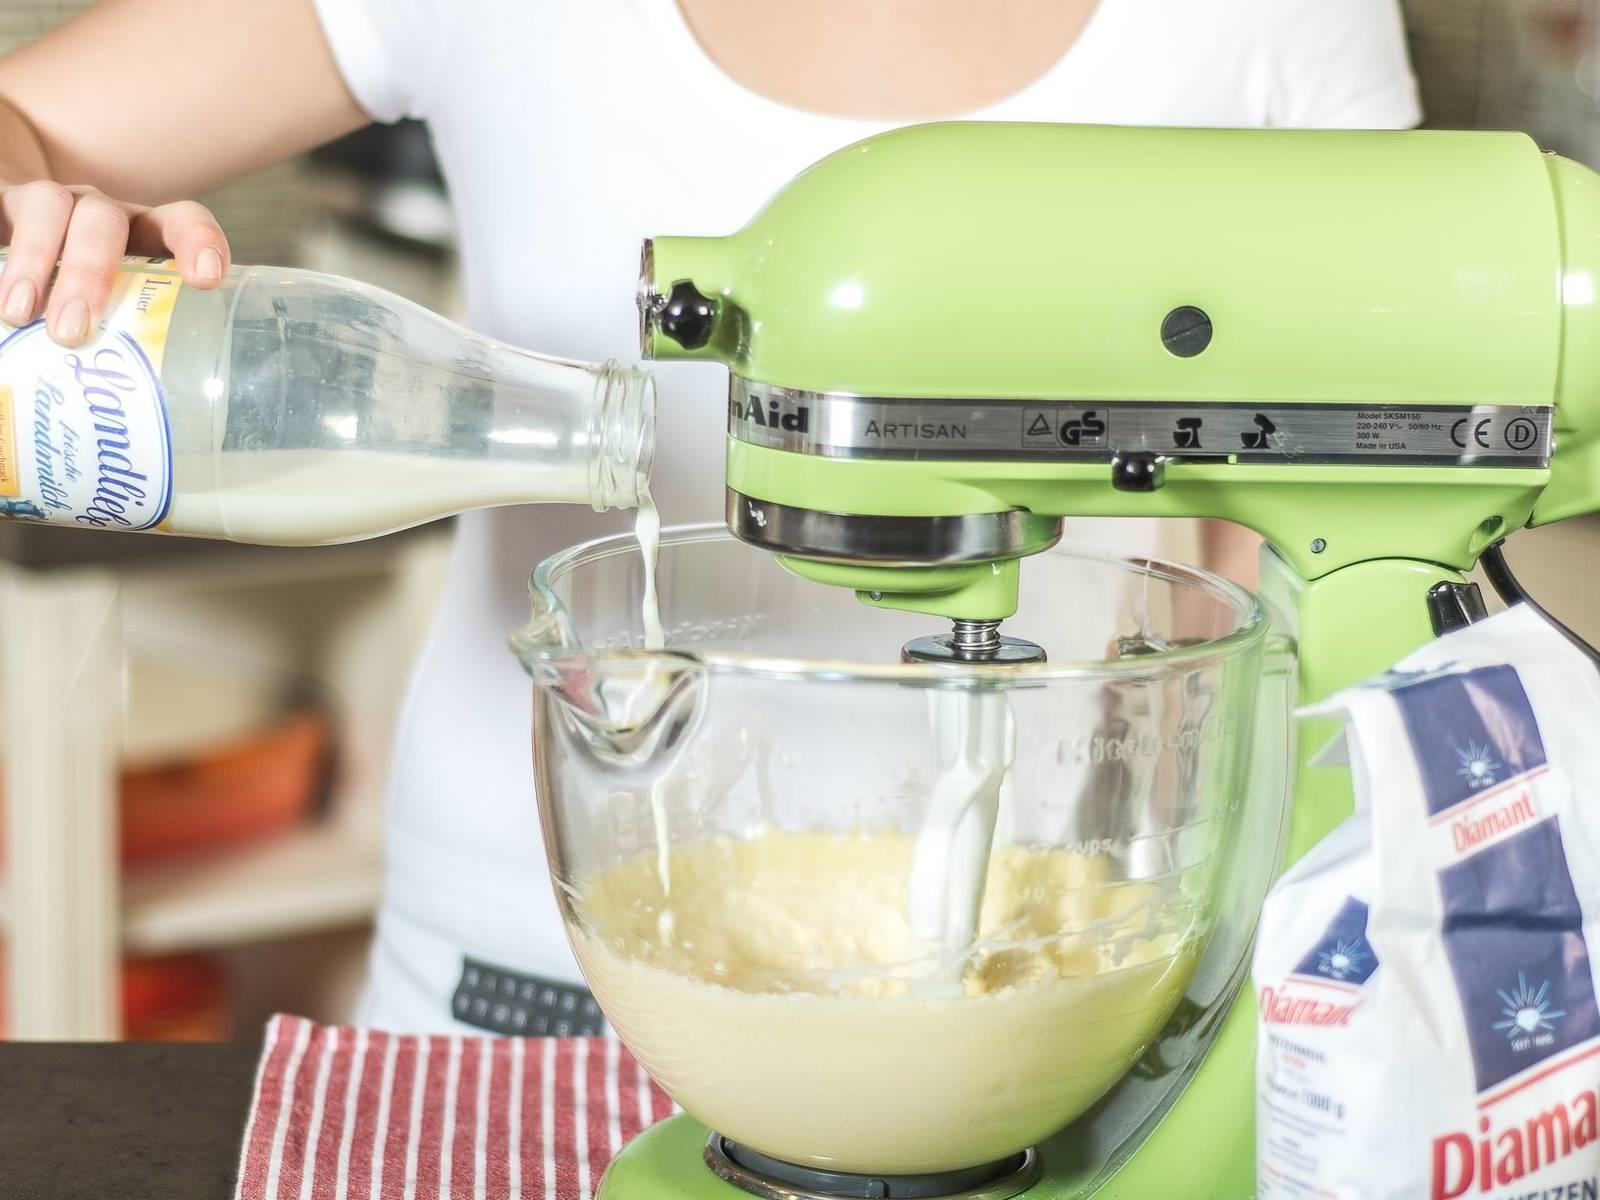 另取碗,混合面粉和泡打粉及一小撮盐。然后交替将面粉混合料和牛奶拌入黄油混合料中,至形成顺滑的面糊。